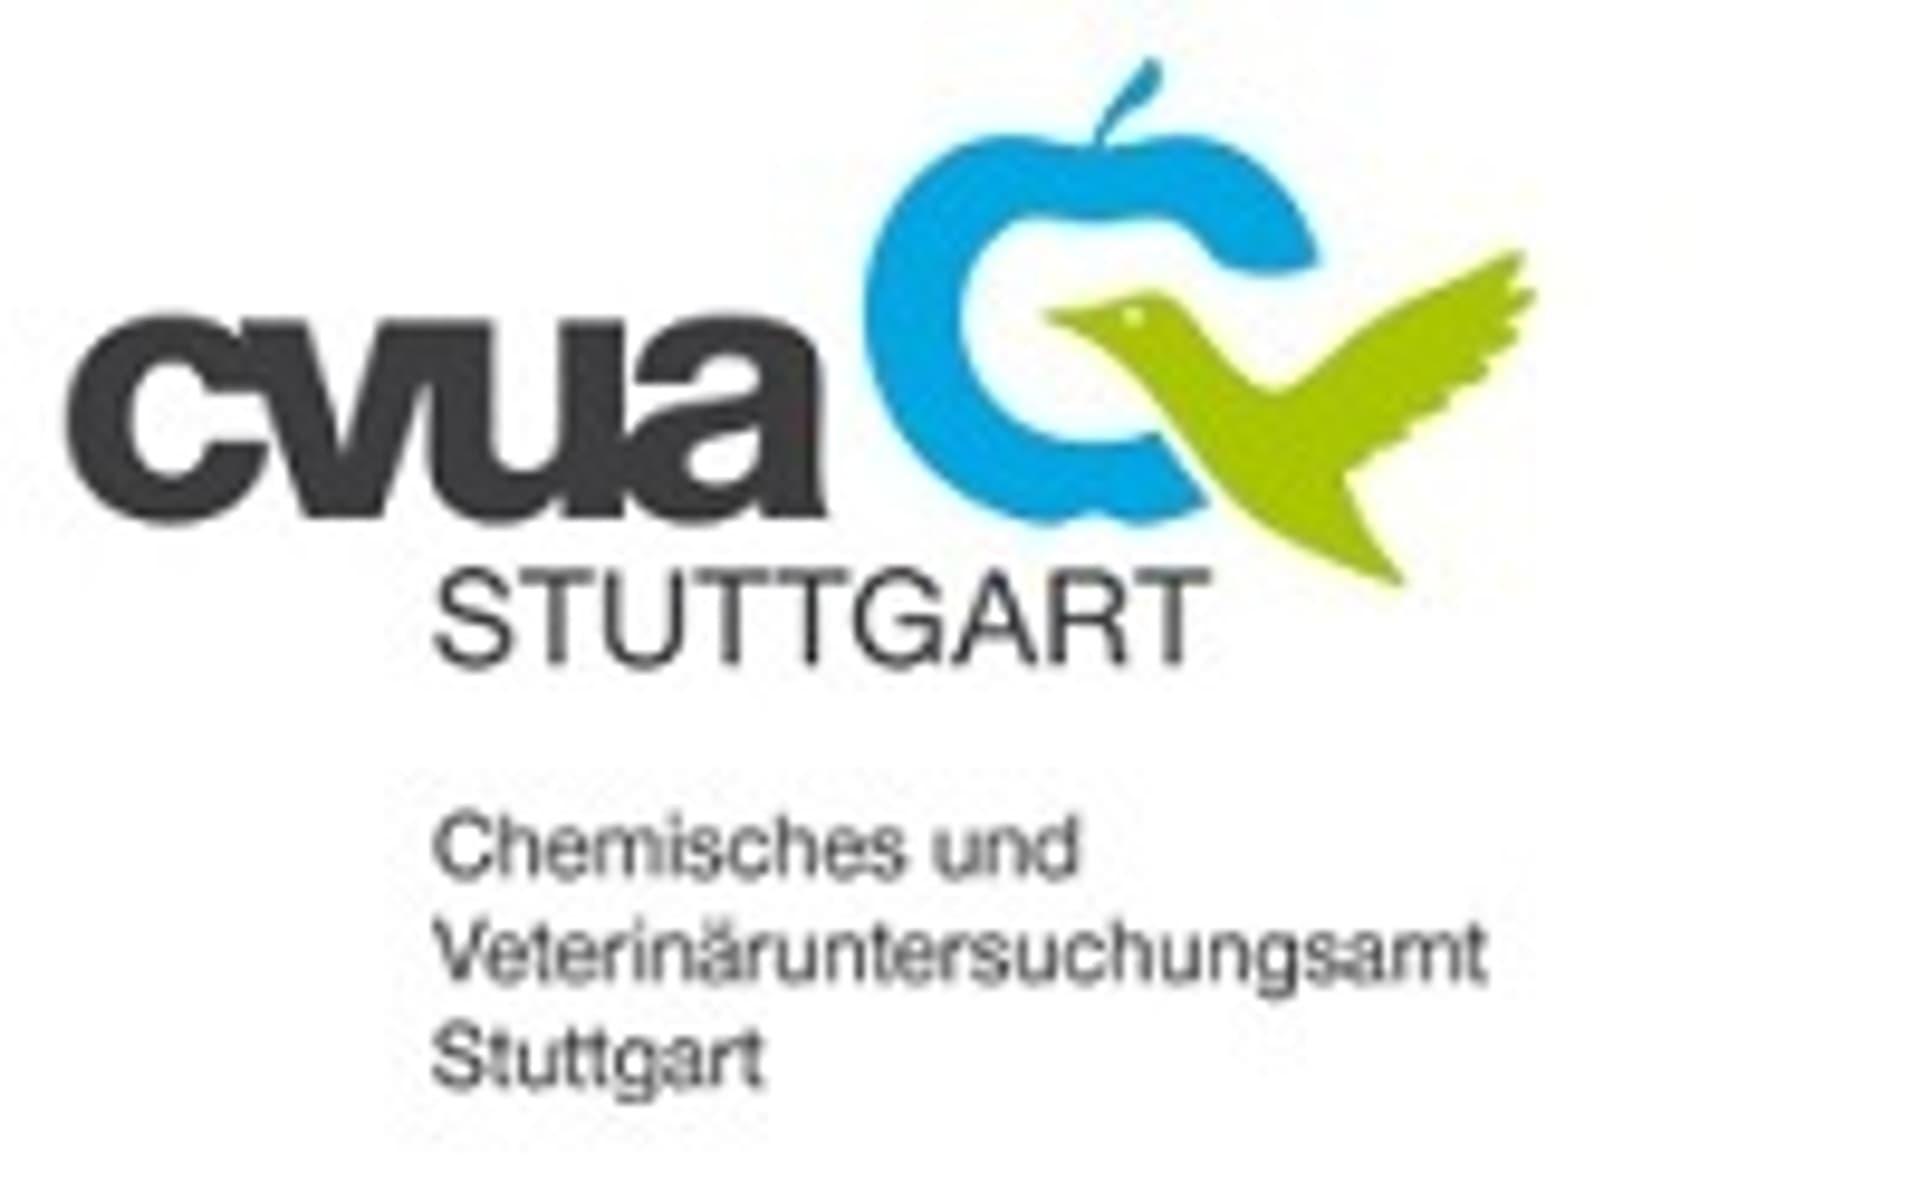 Logo cvuas